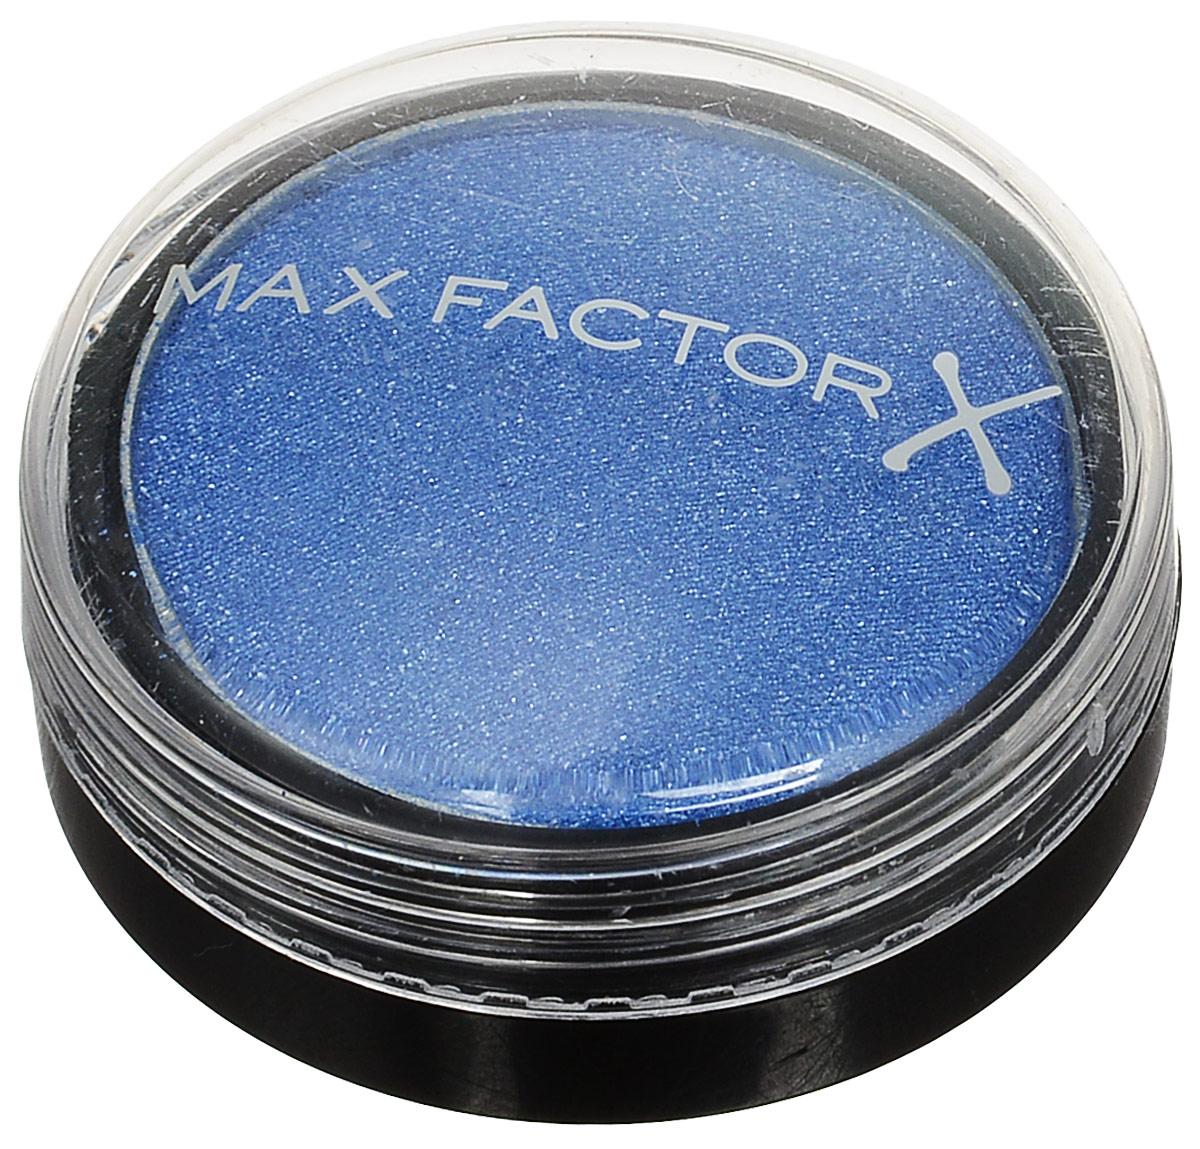 Max Factor Тени Одноцветные Wild Shadow Pots Eyeshadow 45 тон sapphire rage 2 гр81411281Приготовься к диким экспериментам с цветом! Эти высокопигментные тени подарят тебе по-настоящему ошеломительный взгляд. - Высокопигментный цвет •16 ошеломительных насыщенных оттенков •Наноси влажной кисточкой для более интенсивного цвета •Легко растушевываются и смешиваются. Бесконечный простор для экспериментов!Протестировано офтальмологами и дерматологами. Подходит для чувствительных глаз и тех, кто носит контактные линзы.1. Нанеси немного теней на кисть руки специальной кисточкой перед тем как начать. 2. Всегда наноси тени понемногу и растушевывай очень тщательно. 3. Наноси светлый оттенок от ресниц до бровей, средний - на сгиб и внешний уголок глаза. 4. Для более интенсивного цвета немного улажни кисточку.